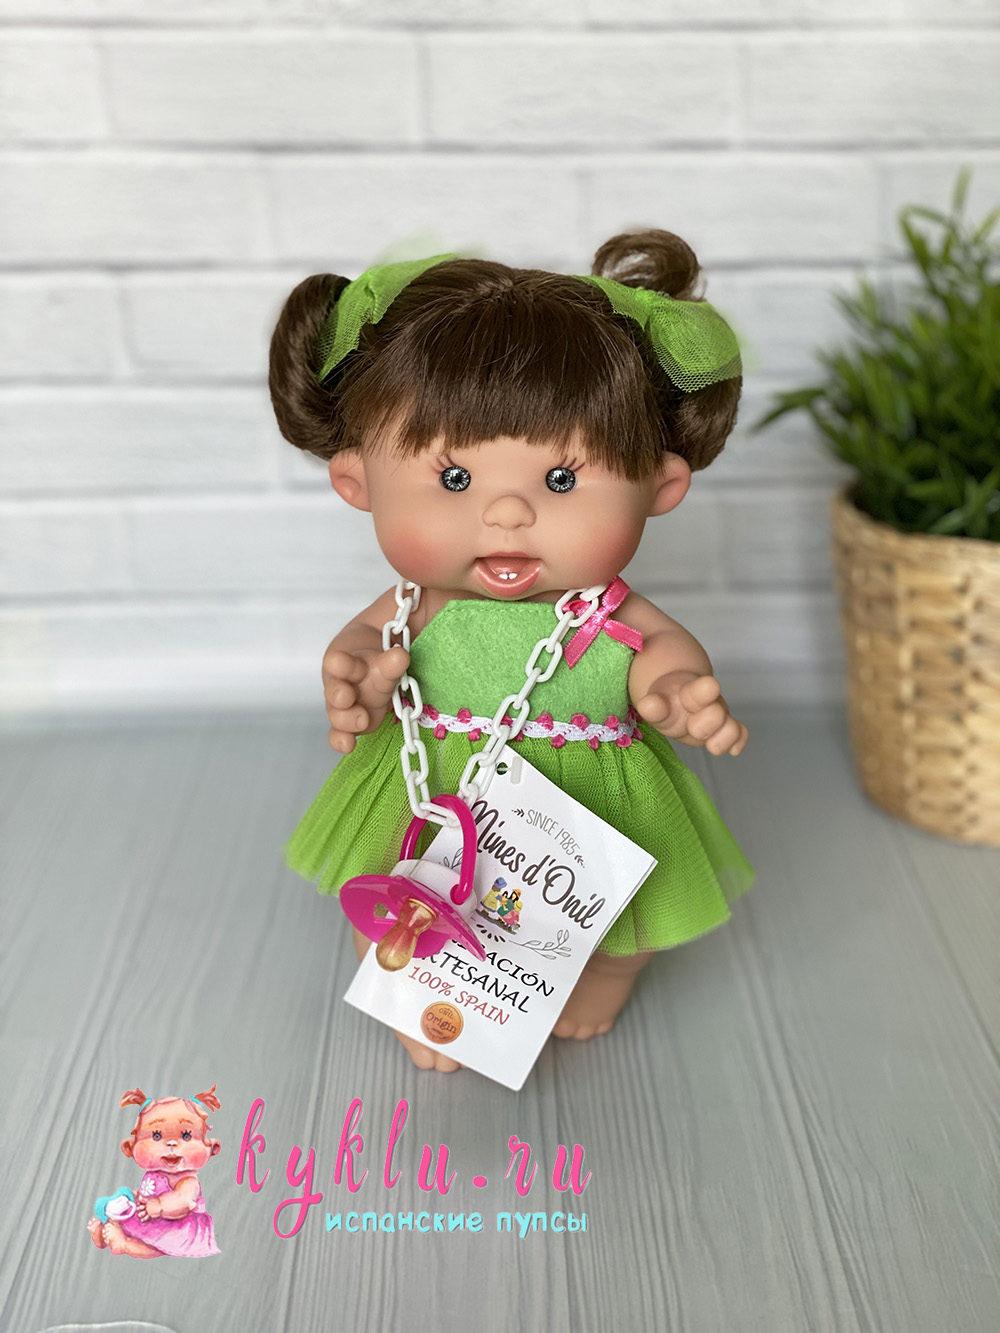 Девочка брюнетка в зеленом платье